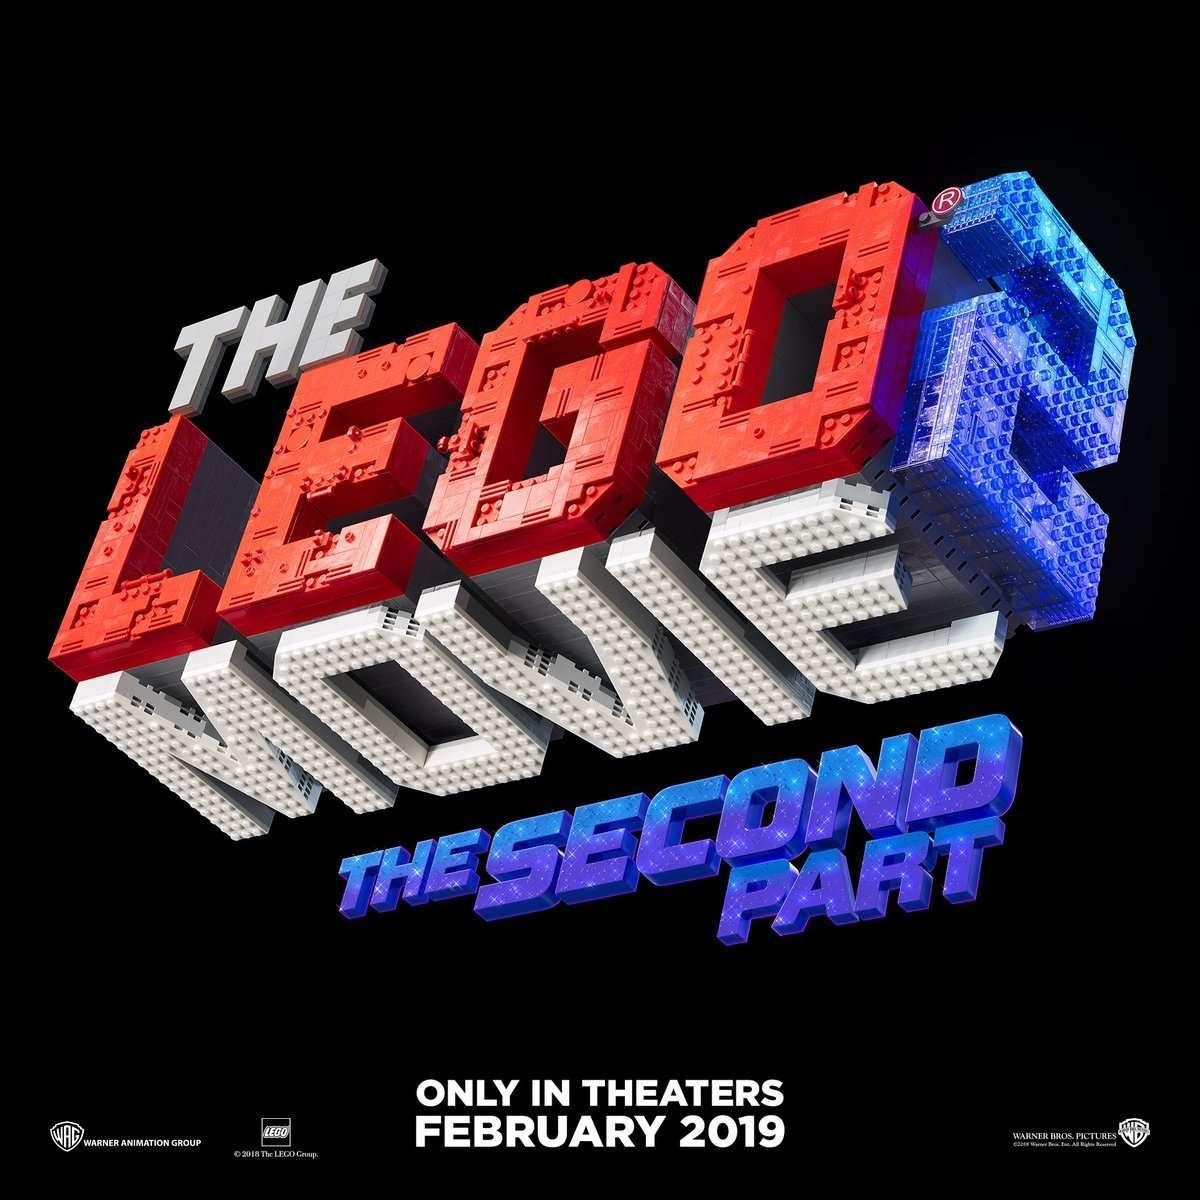 'The LEGO Movie 2' Logo, Subtitle Revealed